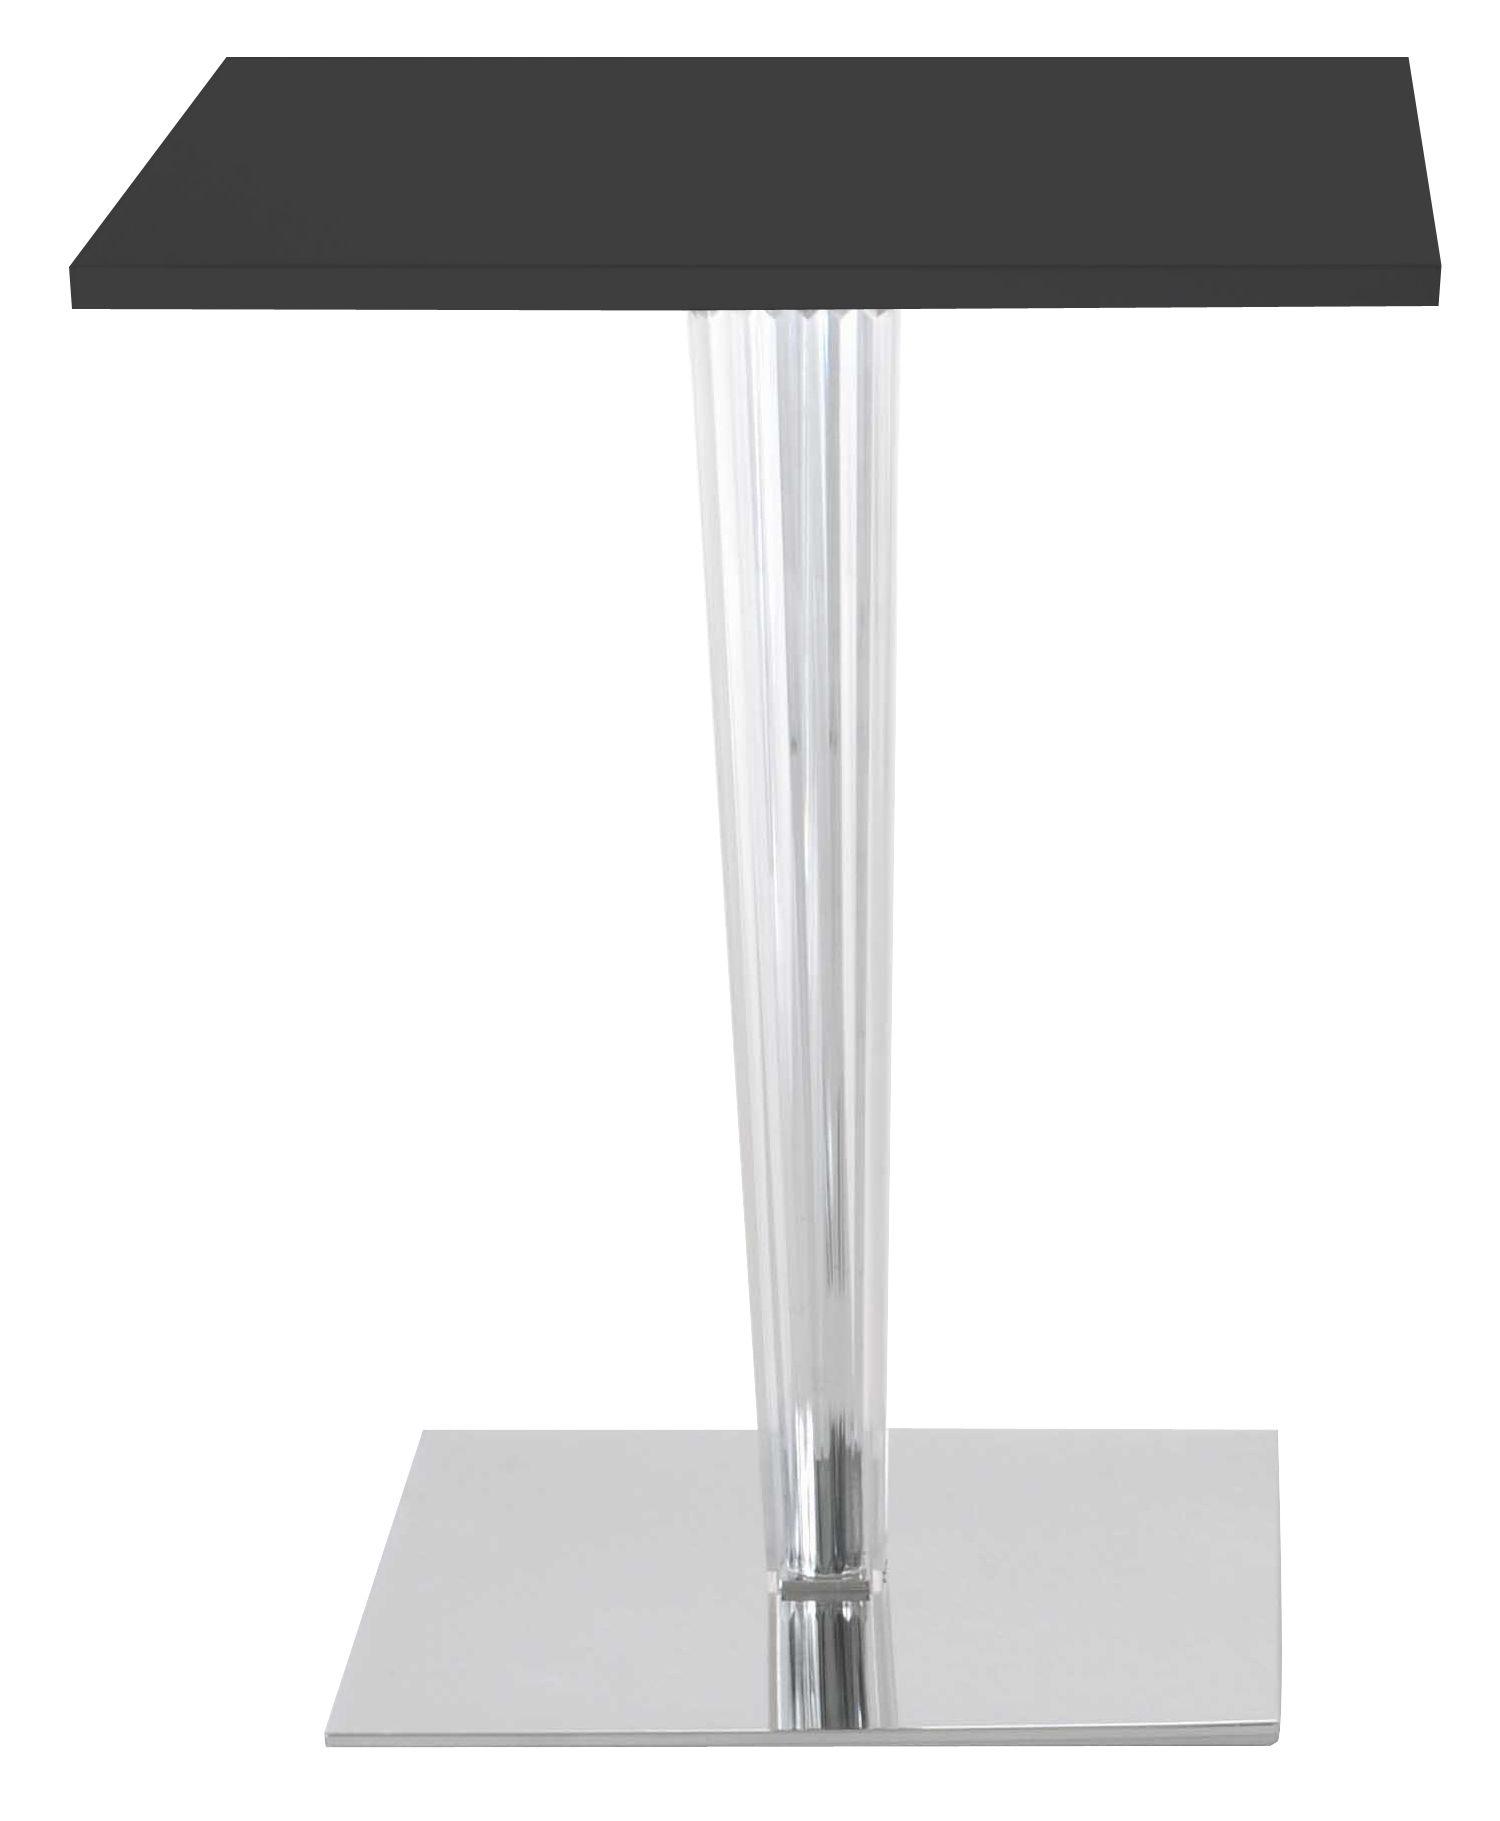 Möbel - Tische - Top Top quadratischer Tisch mit eckiger Tischplatte laminiert - Kartell - Schwarz / Fuß rechteckig - klarlackbeschichtetes Aluminium, Laminat, PMMA